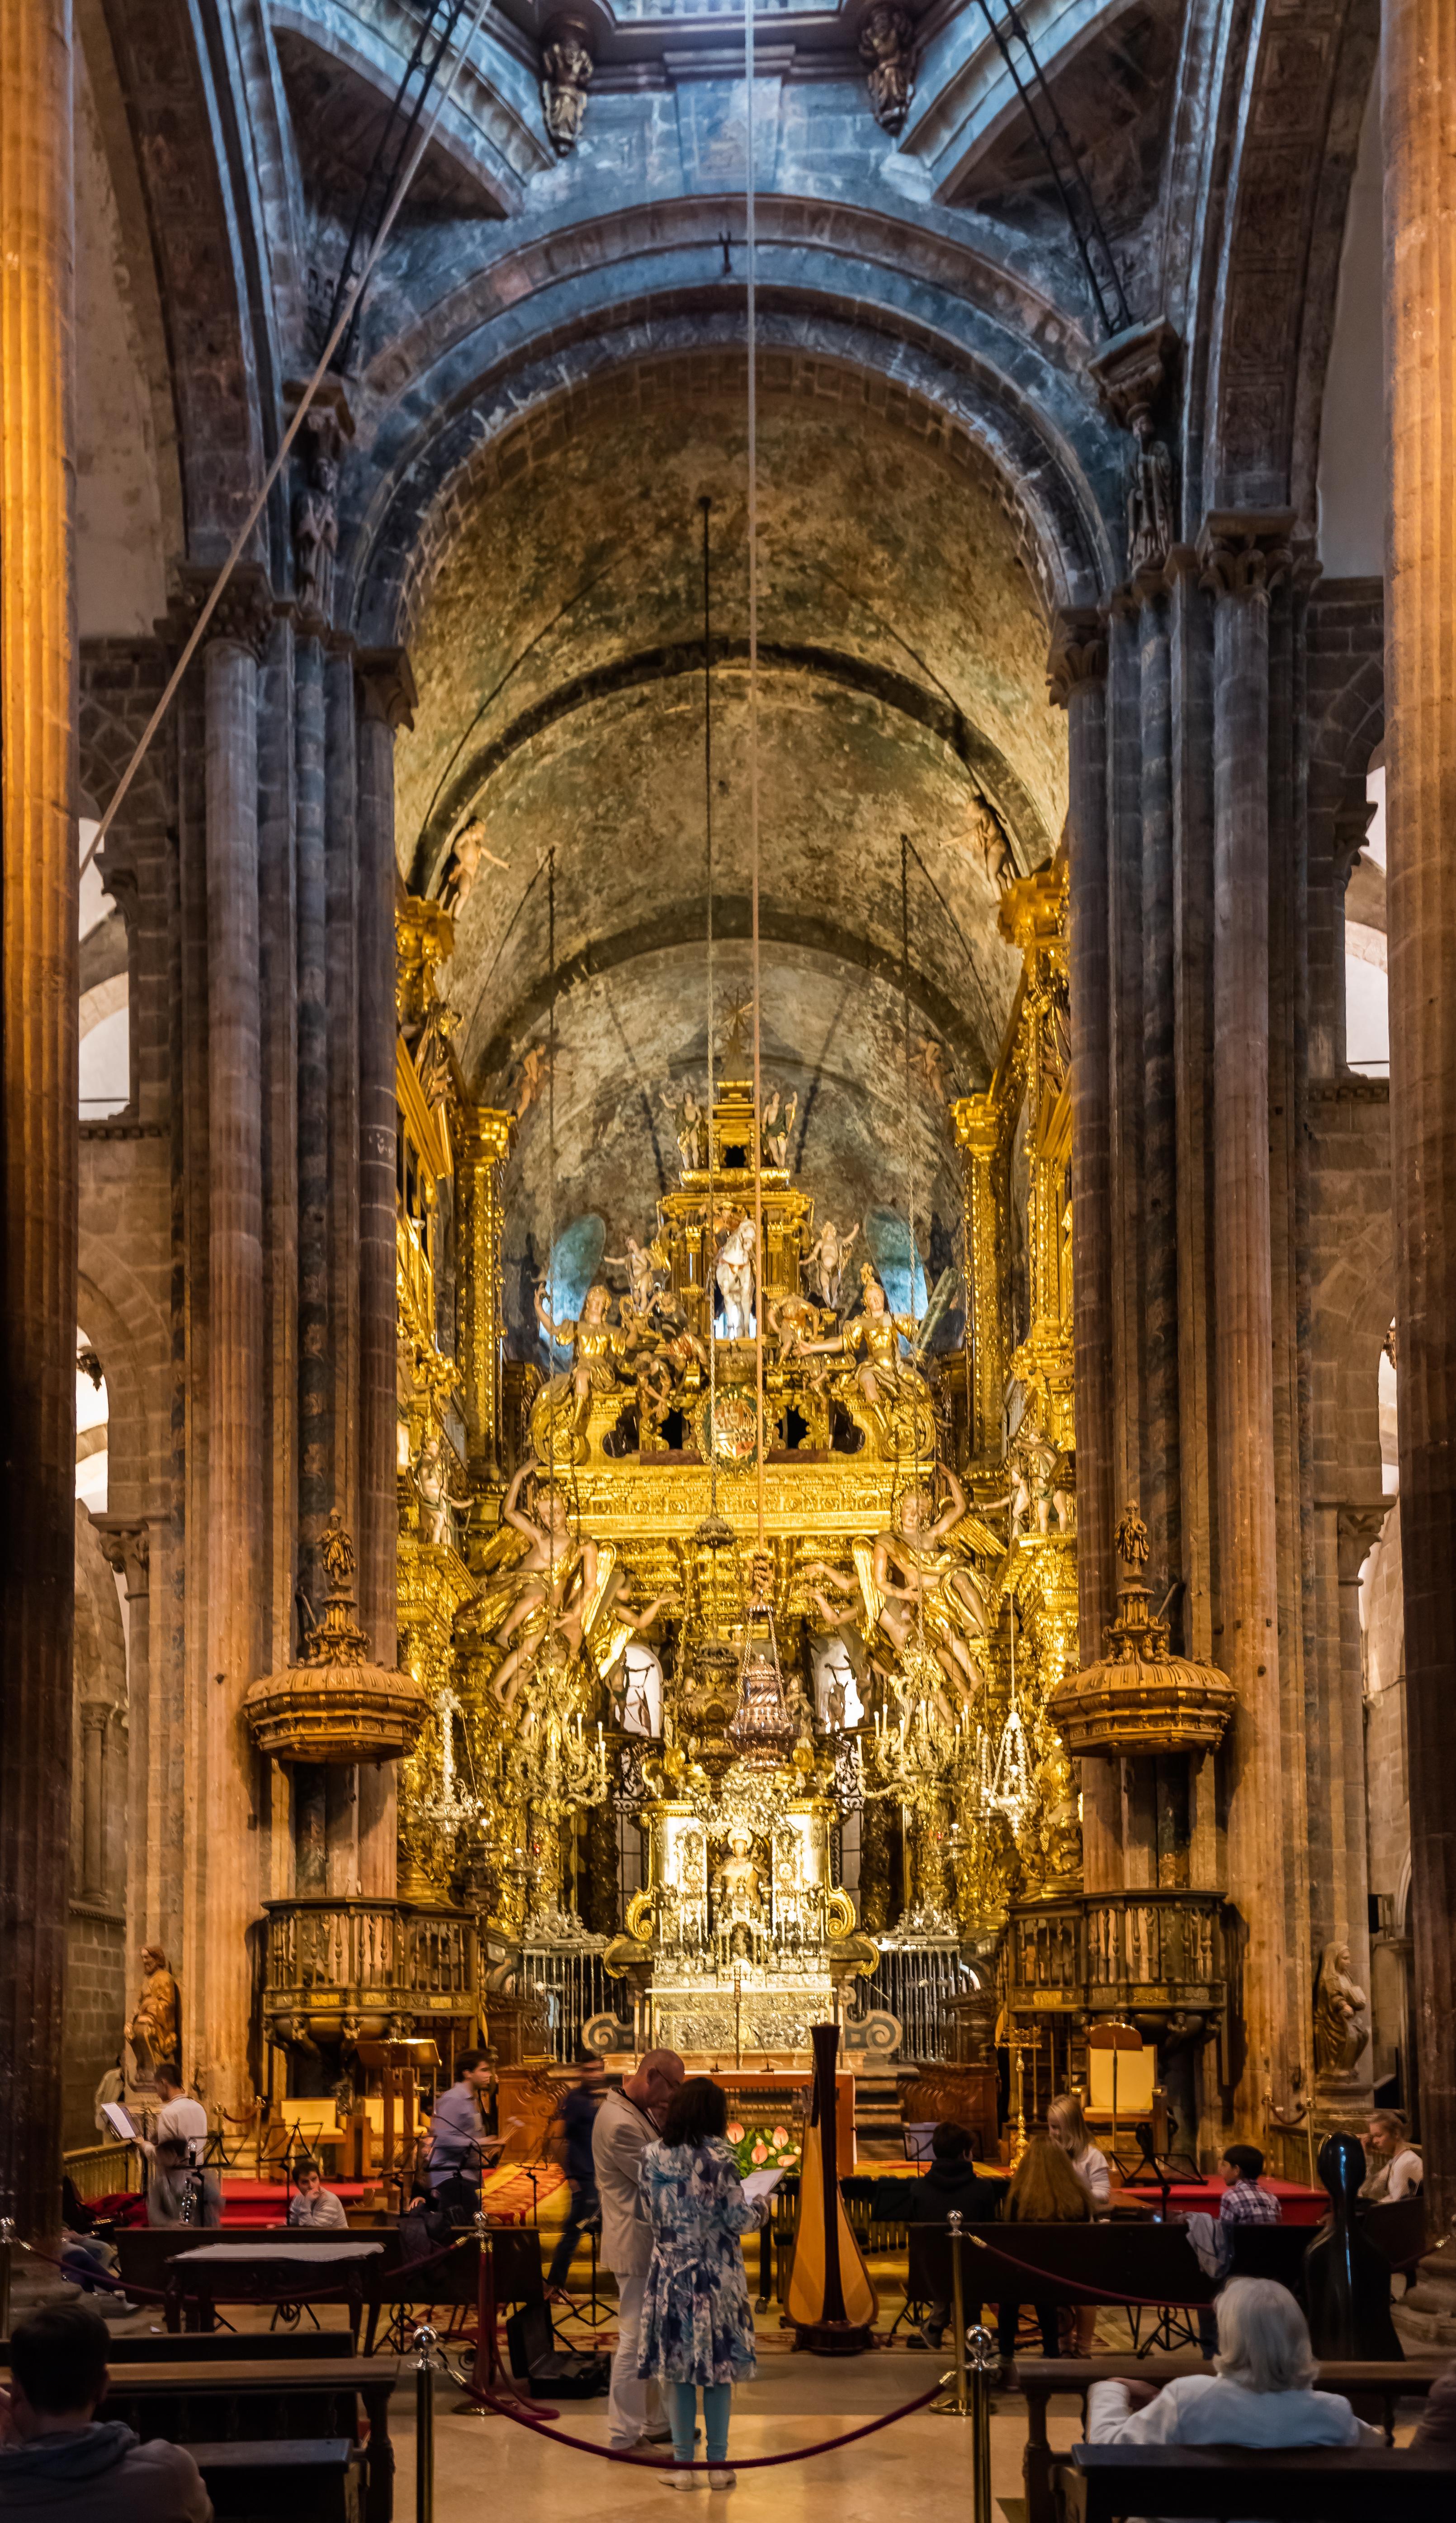 Santiago de compostela spain pictures and videos and news - Interior santiago de compostela ...